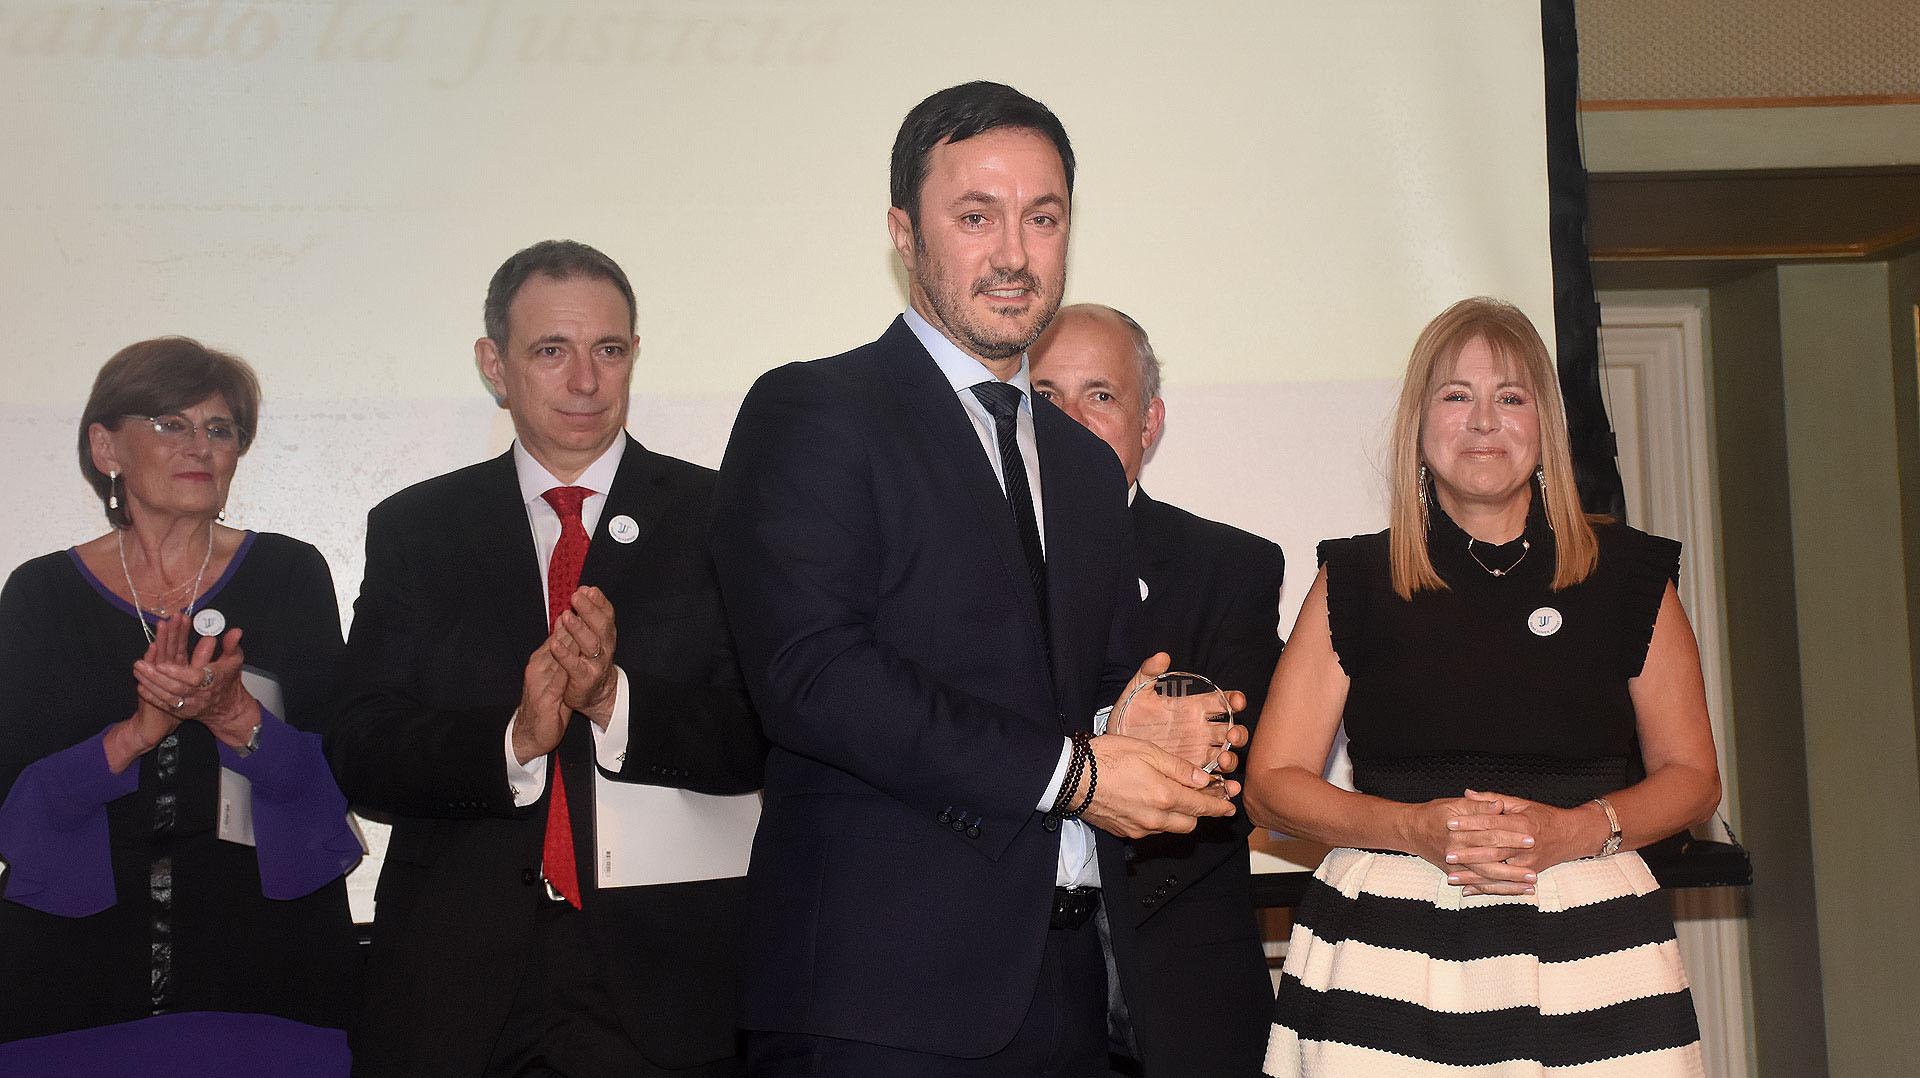 El diputado Luis Petri, vicepresidente segundo de la Cámara de Diputados, recibió también la distinción en reconocimiento a lasanciónde la Ley Nº 27372 de Derechos y Garantías de las personas víctimas de delitos